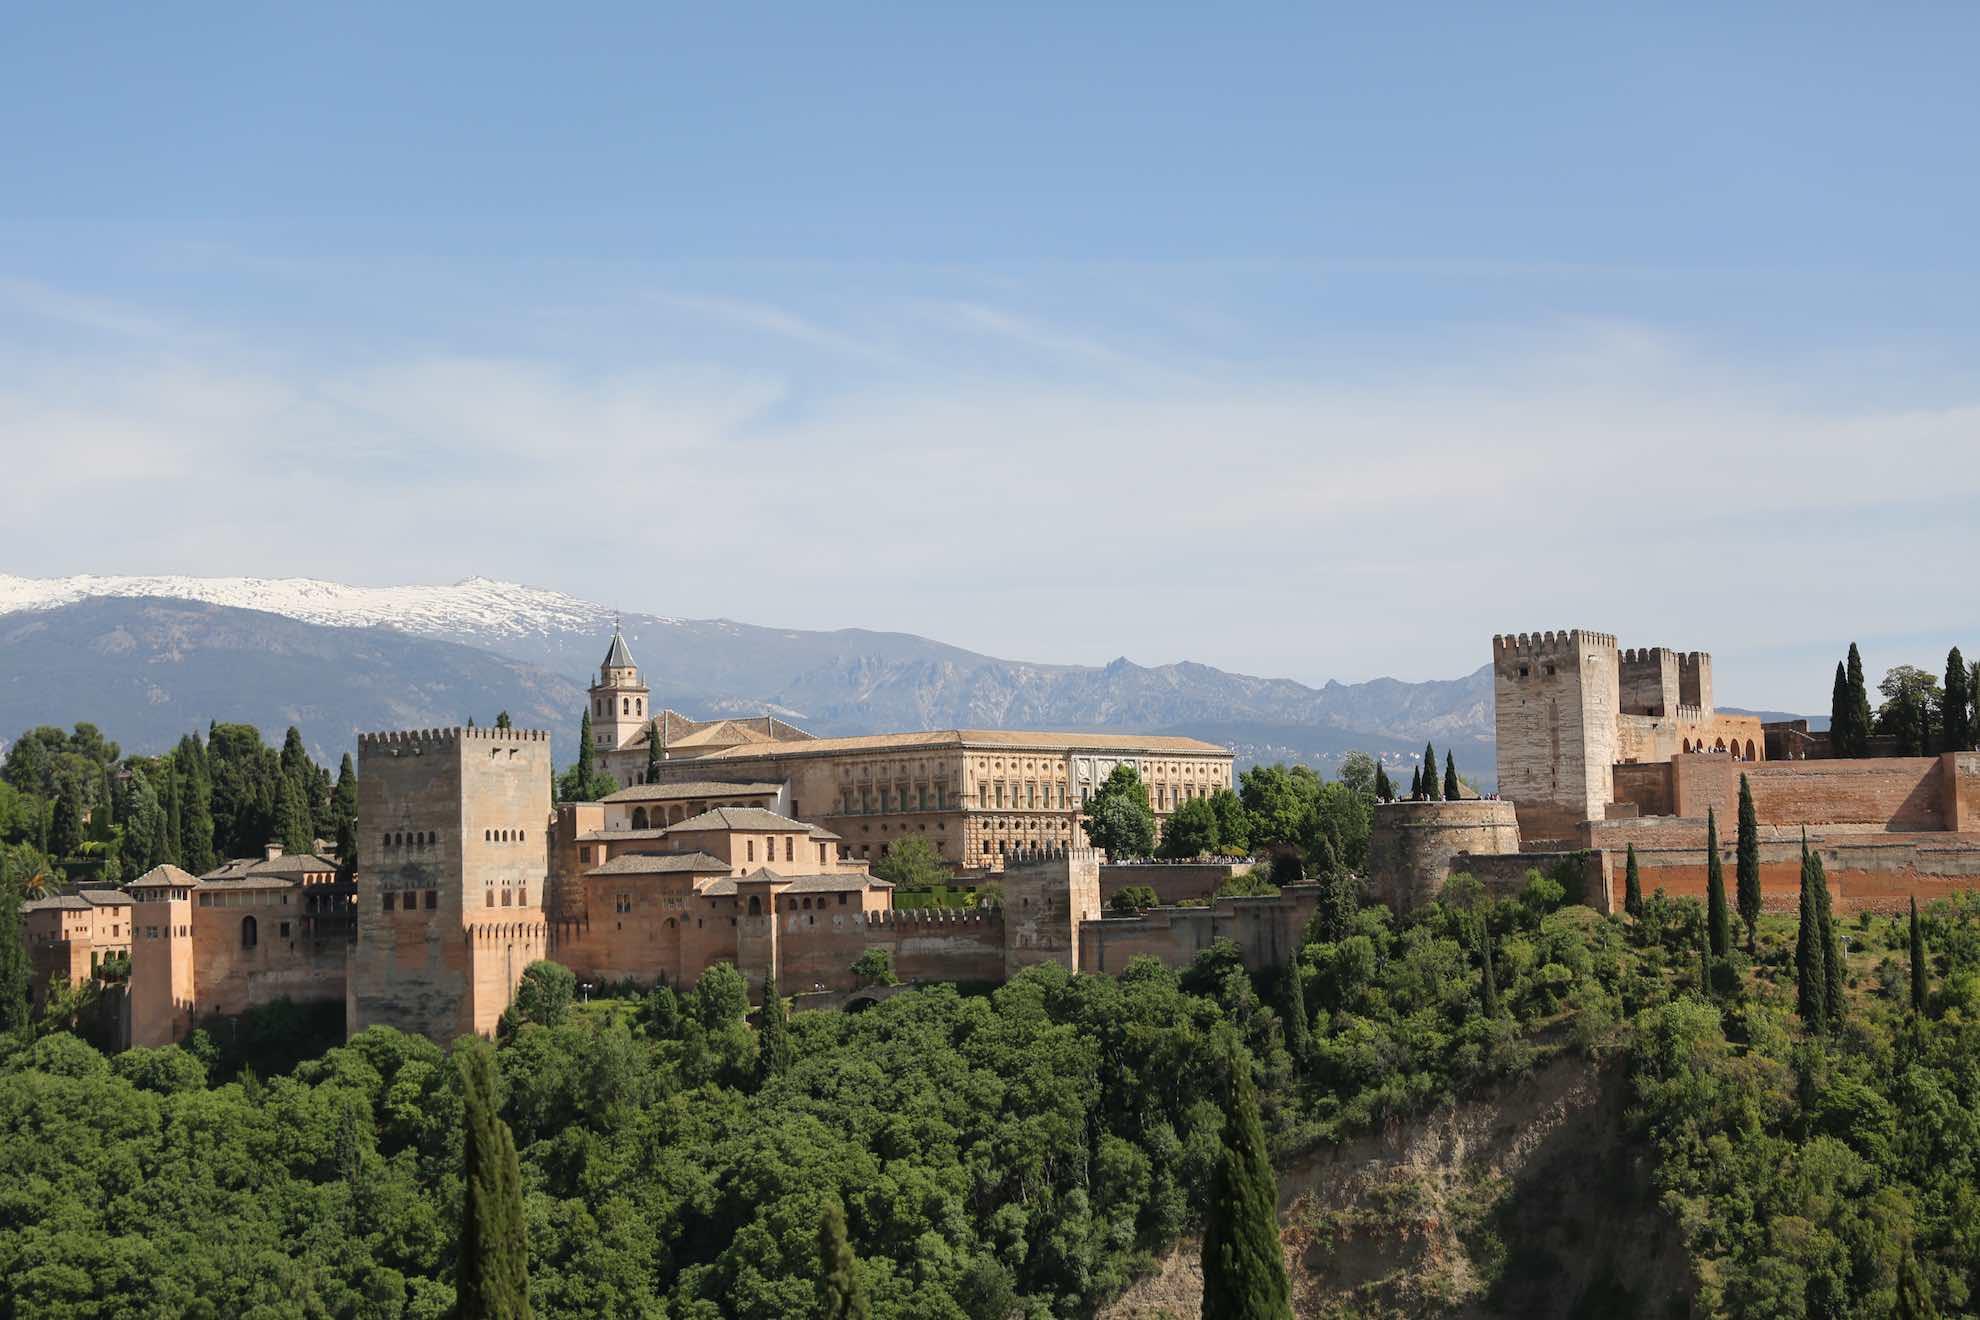 Erst im Jahr 1492, dem Jahr der Entdeckung Amerikas durch Kolumbus, eroberten die christlichen Spanier die Alhambra, die letzte Bastion der arabischen Herrscher in Spanien.